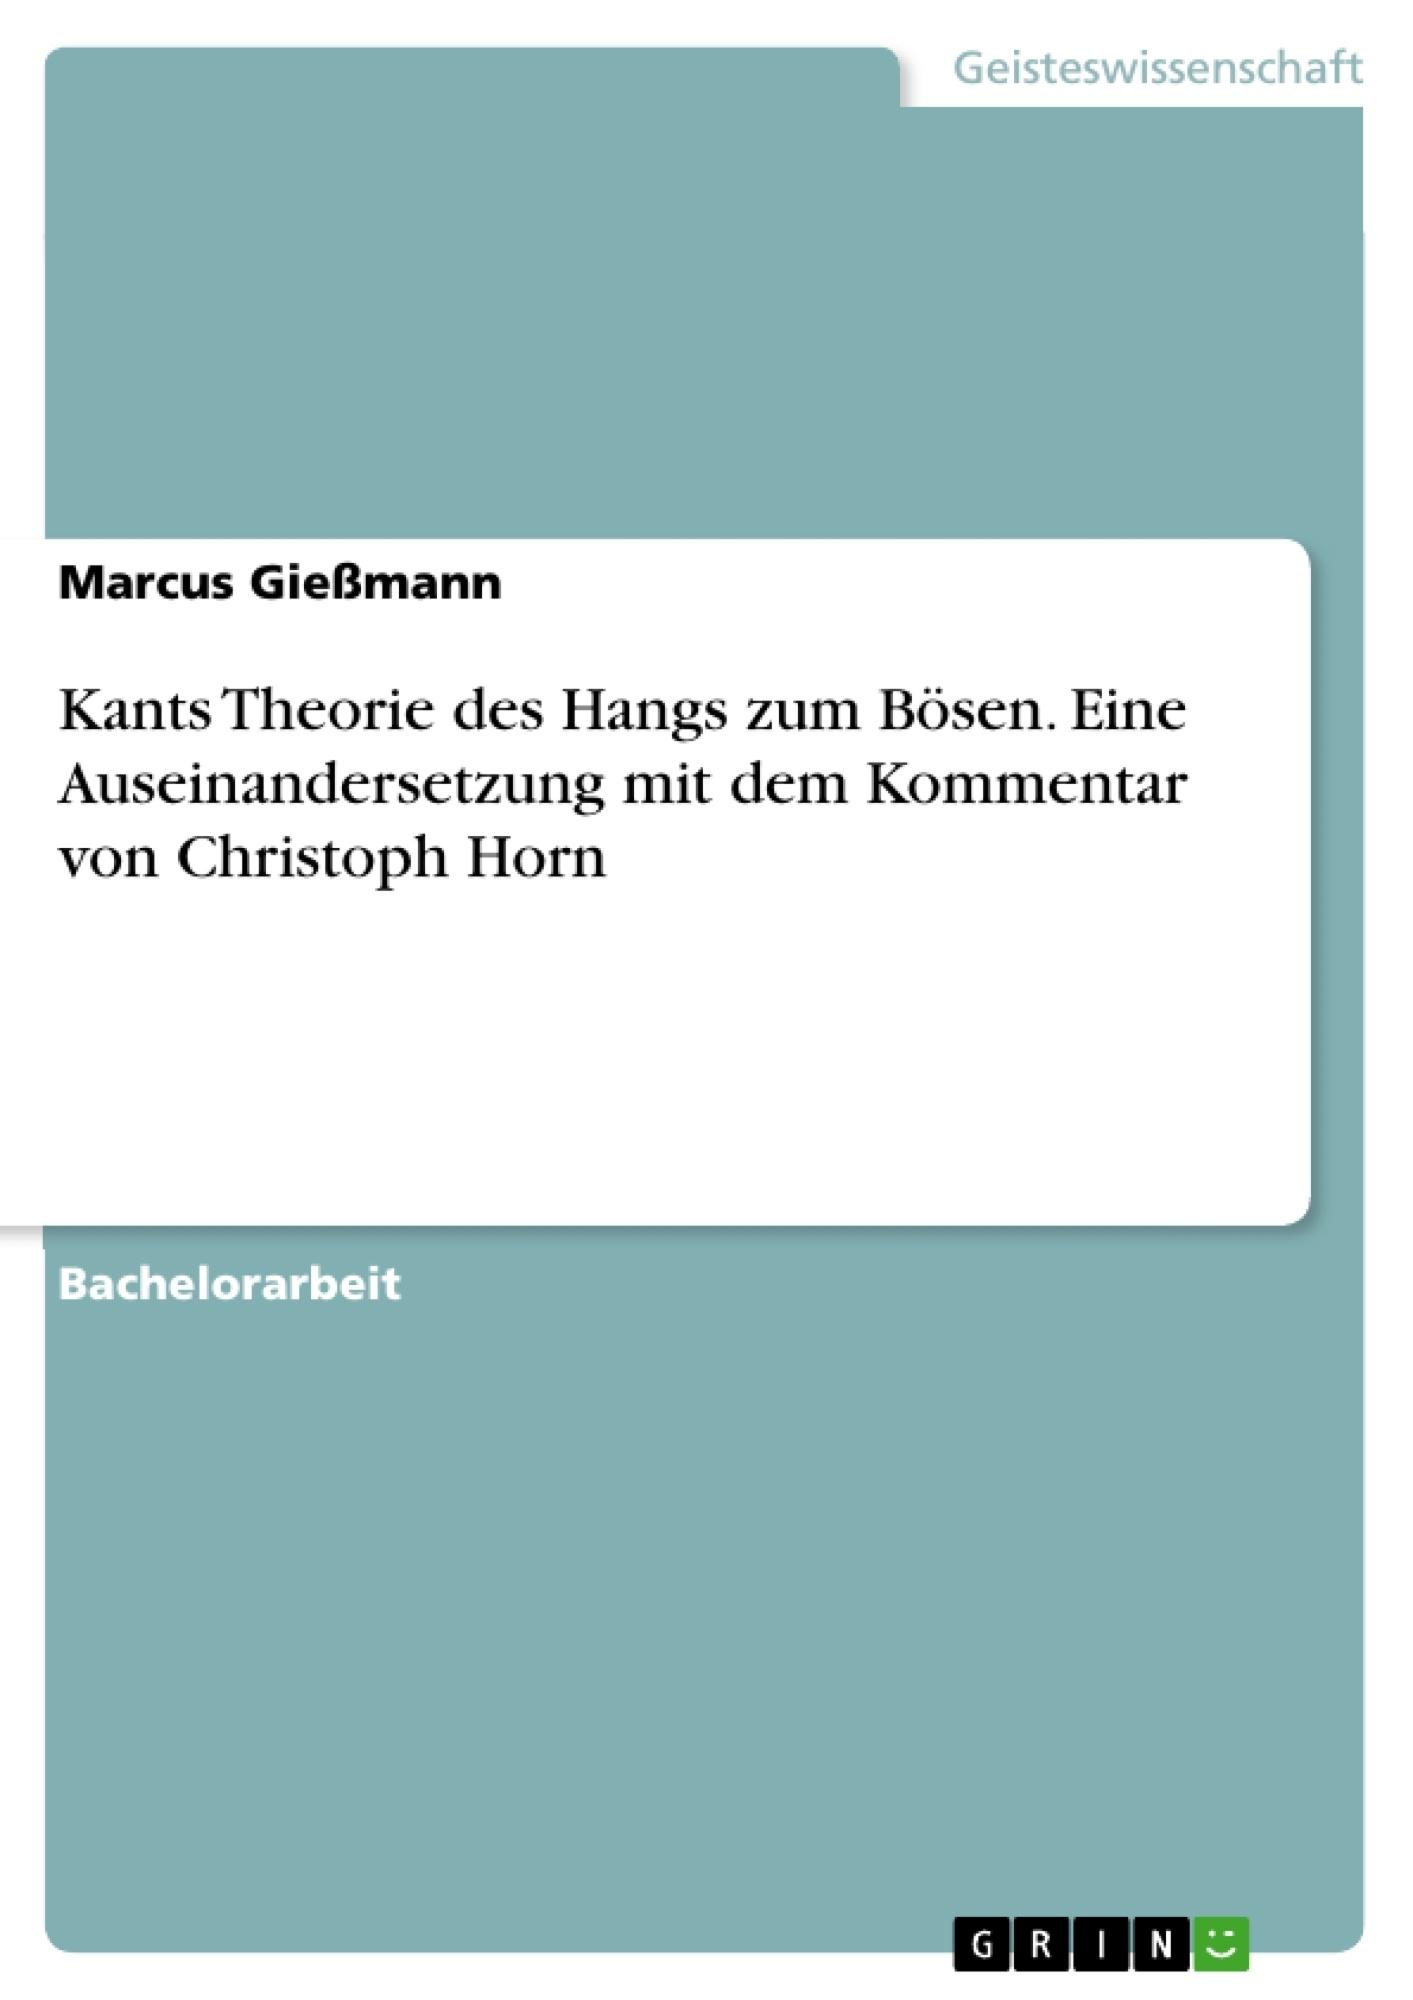 Titel: Kants Theorie des Hangs zum Bösen. Eine Auseinandersetzung mit dem Kommentar von Christoph Horn